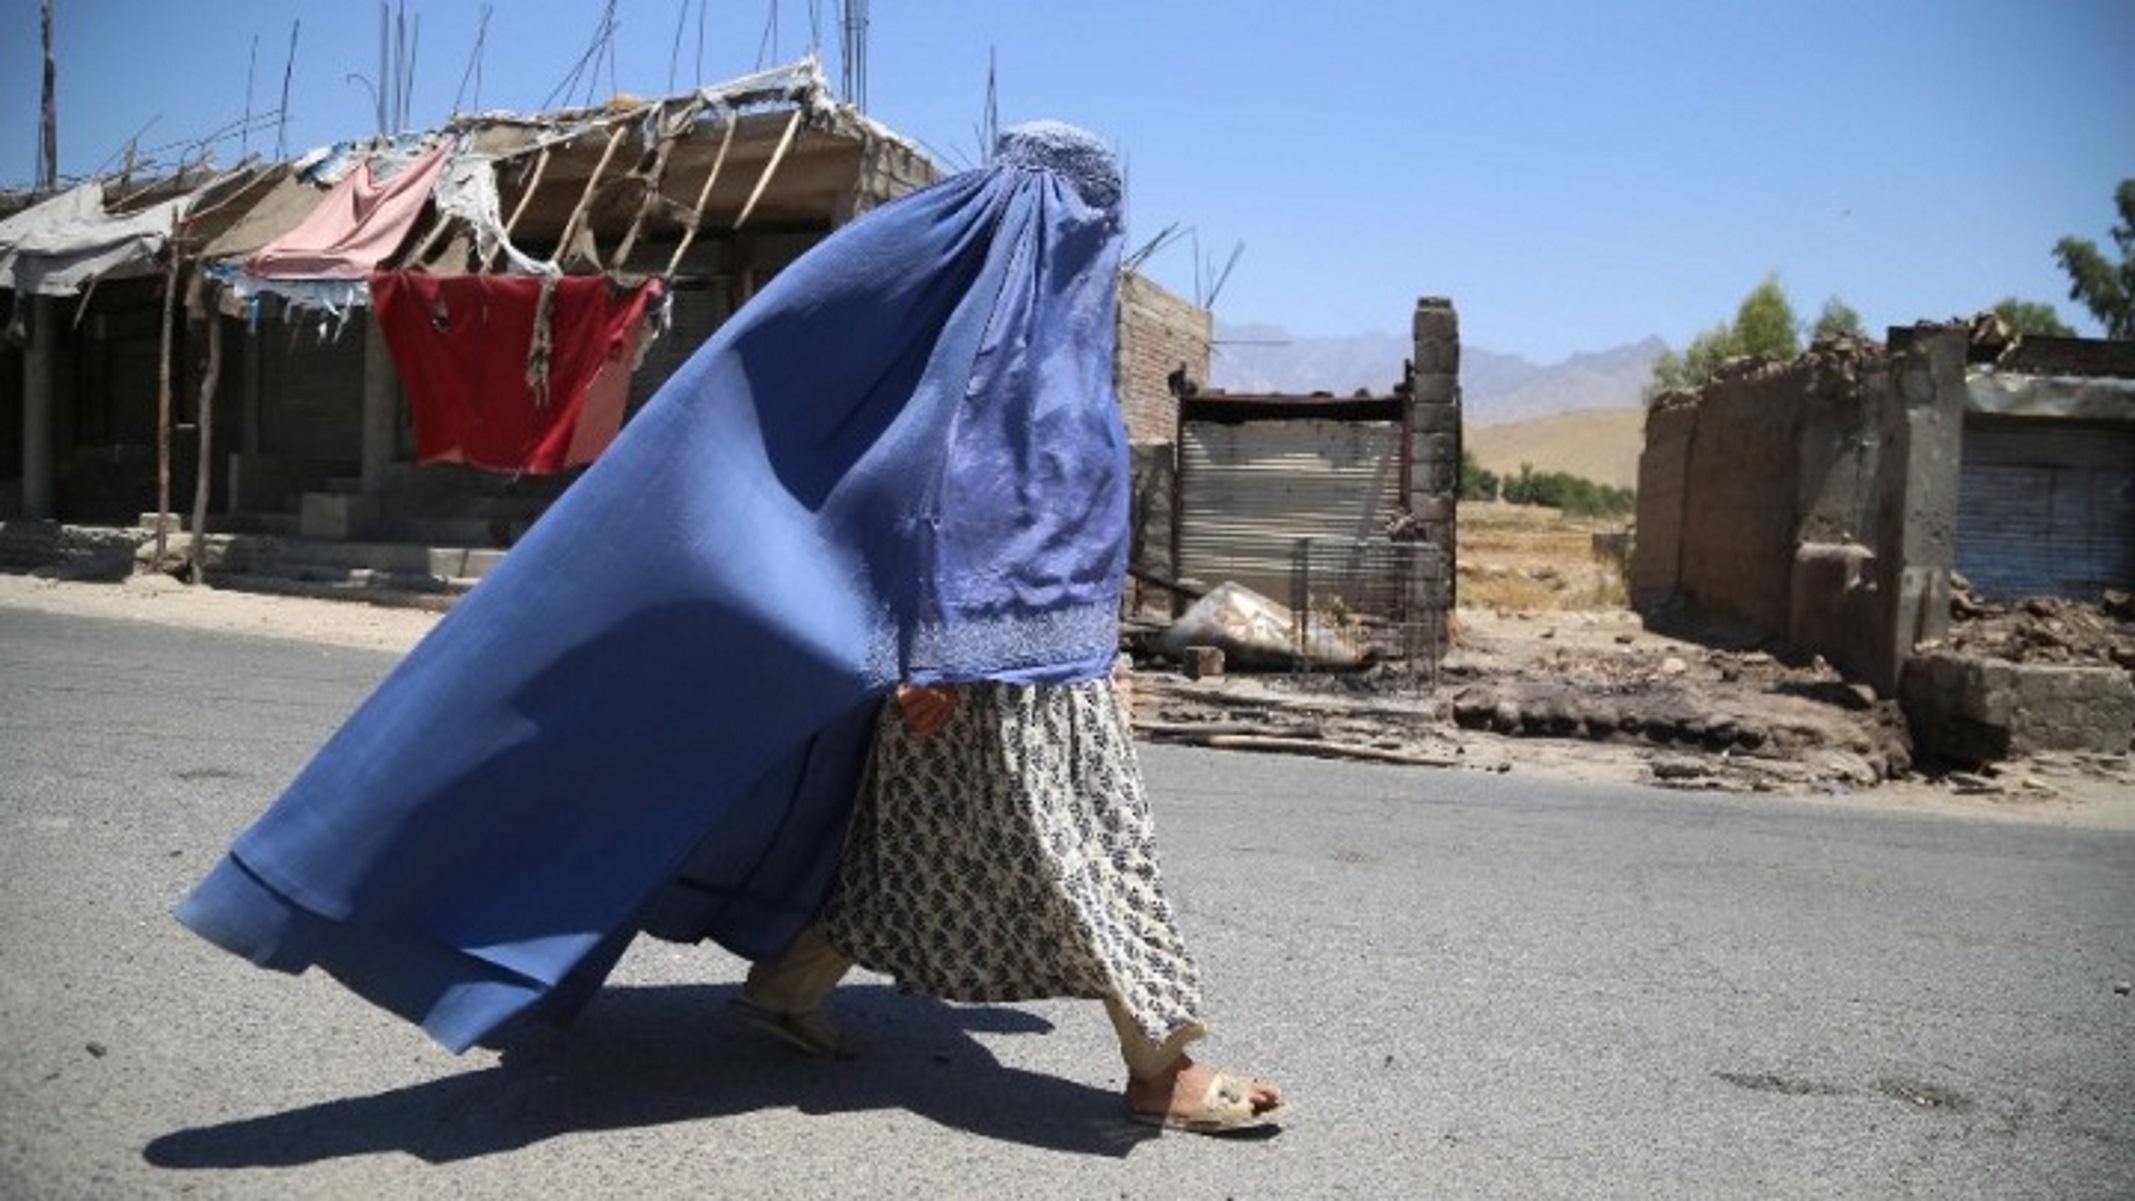 Στην Ελλάδα επτά γυναίκες βουλευτές από το Αφγανιστάν με τις οικογένειές τους